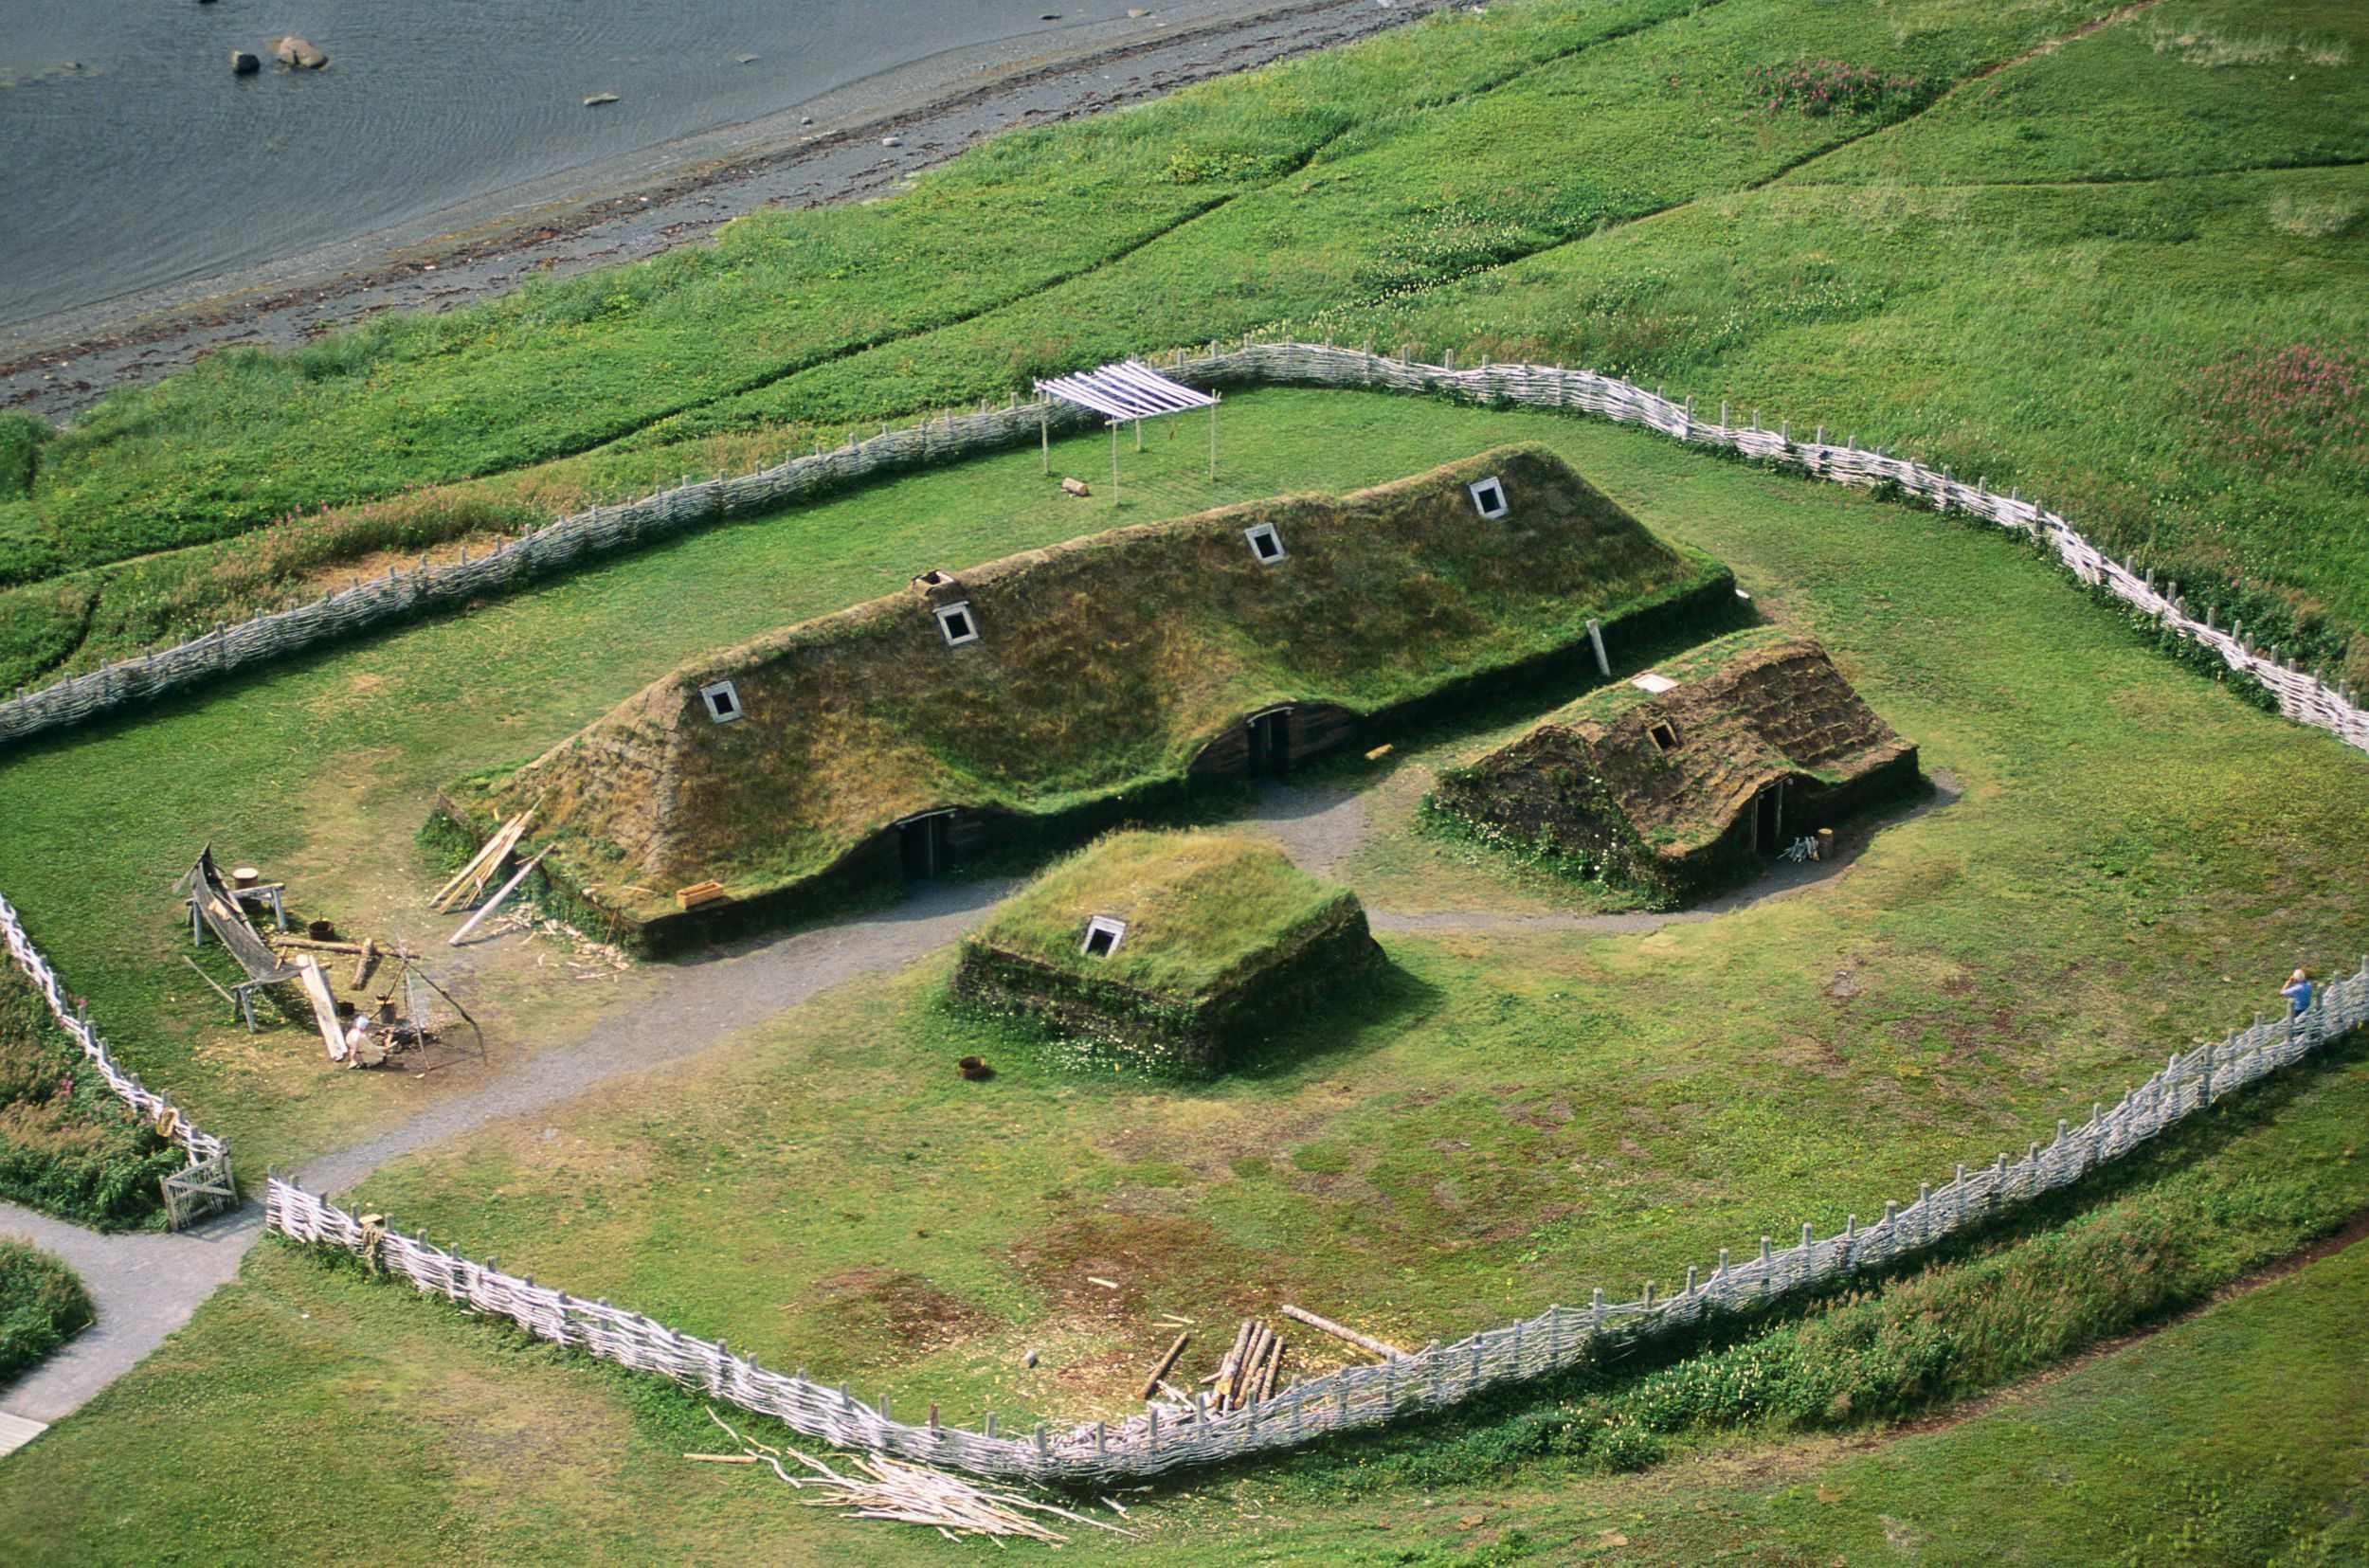 Недолгий первый век Великих географических открытий: Виноградная страна викингам не понравилась